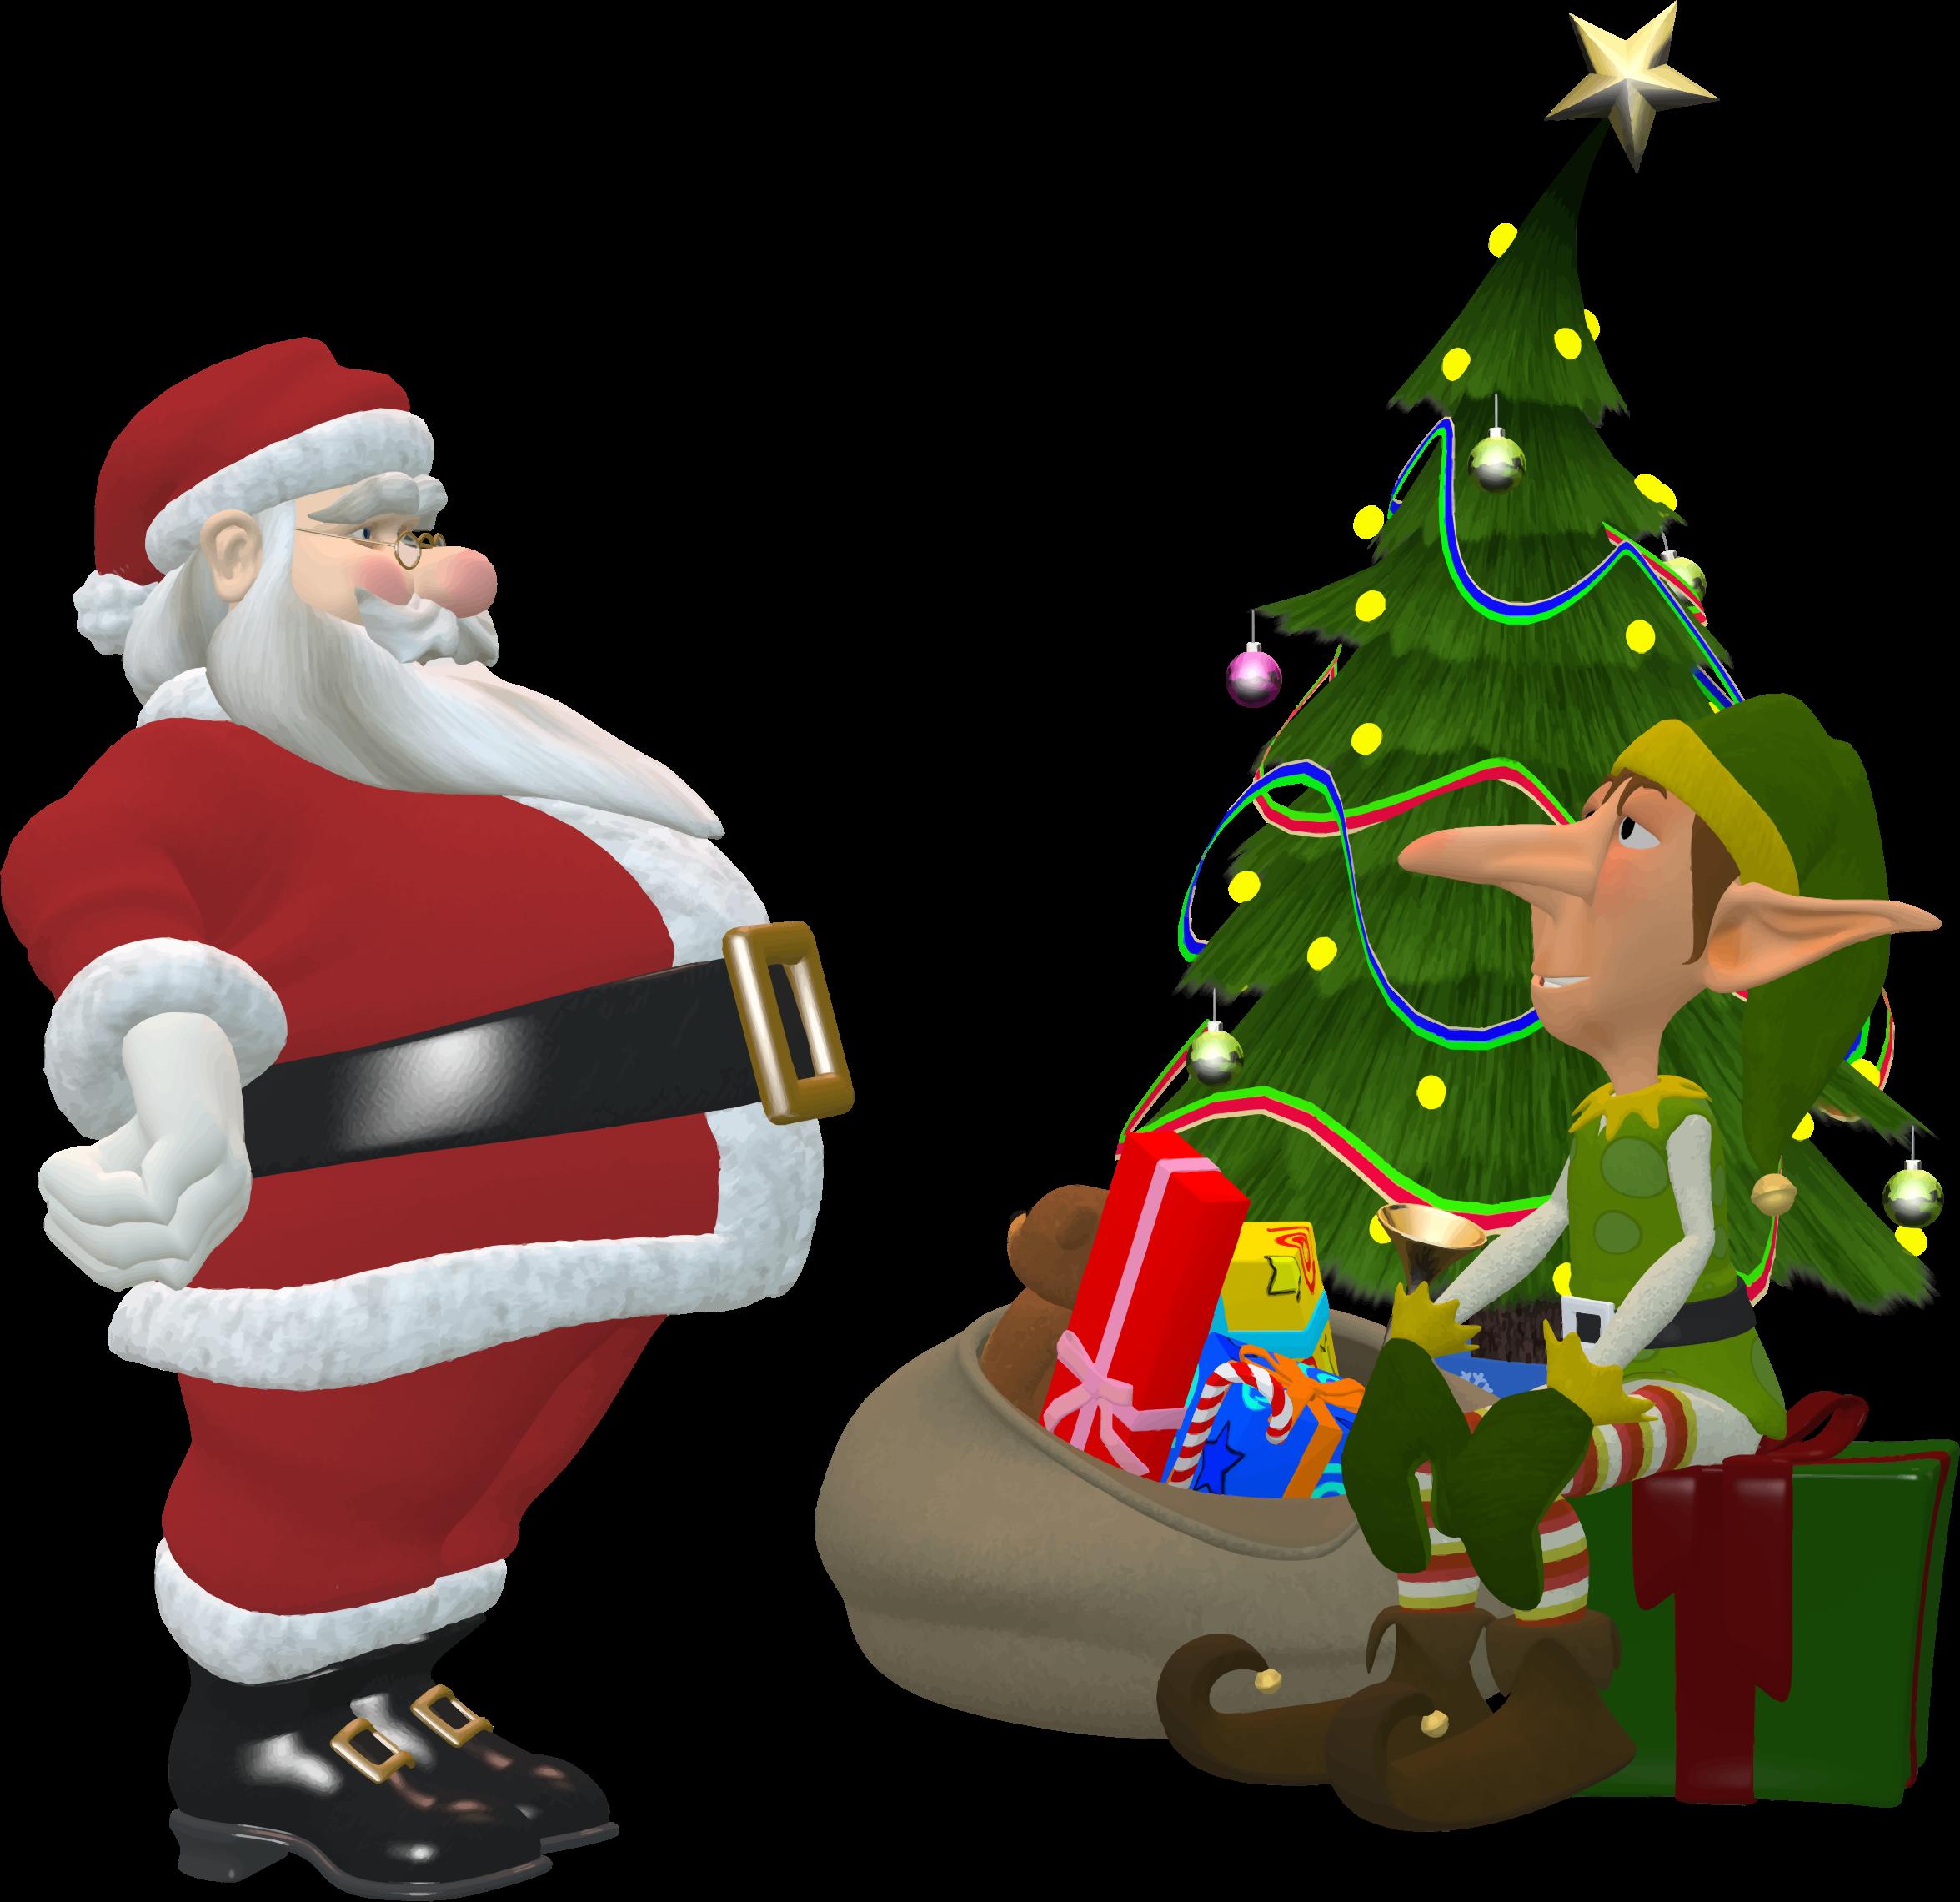 Santa tree clipart png transparent download Clipart - Santa Claus And Elf png transparent download